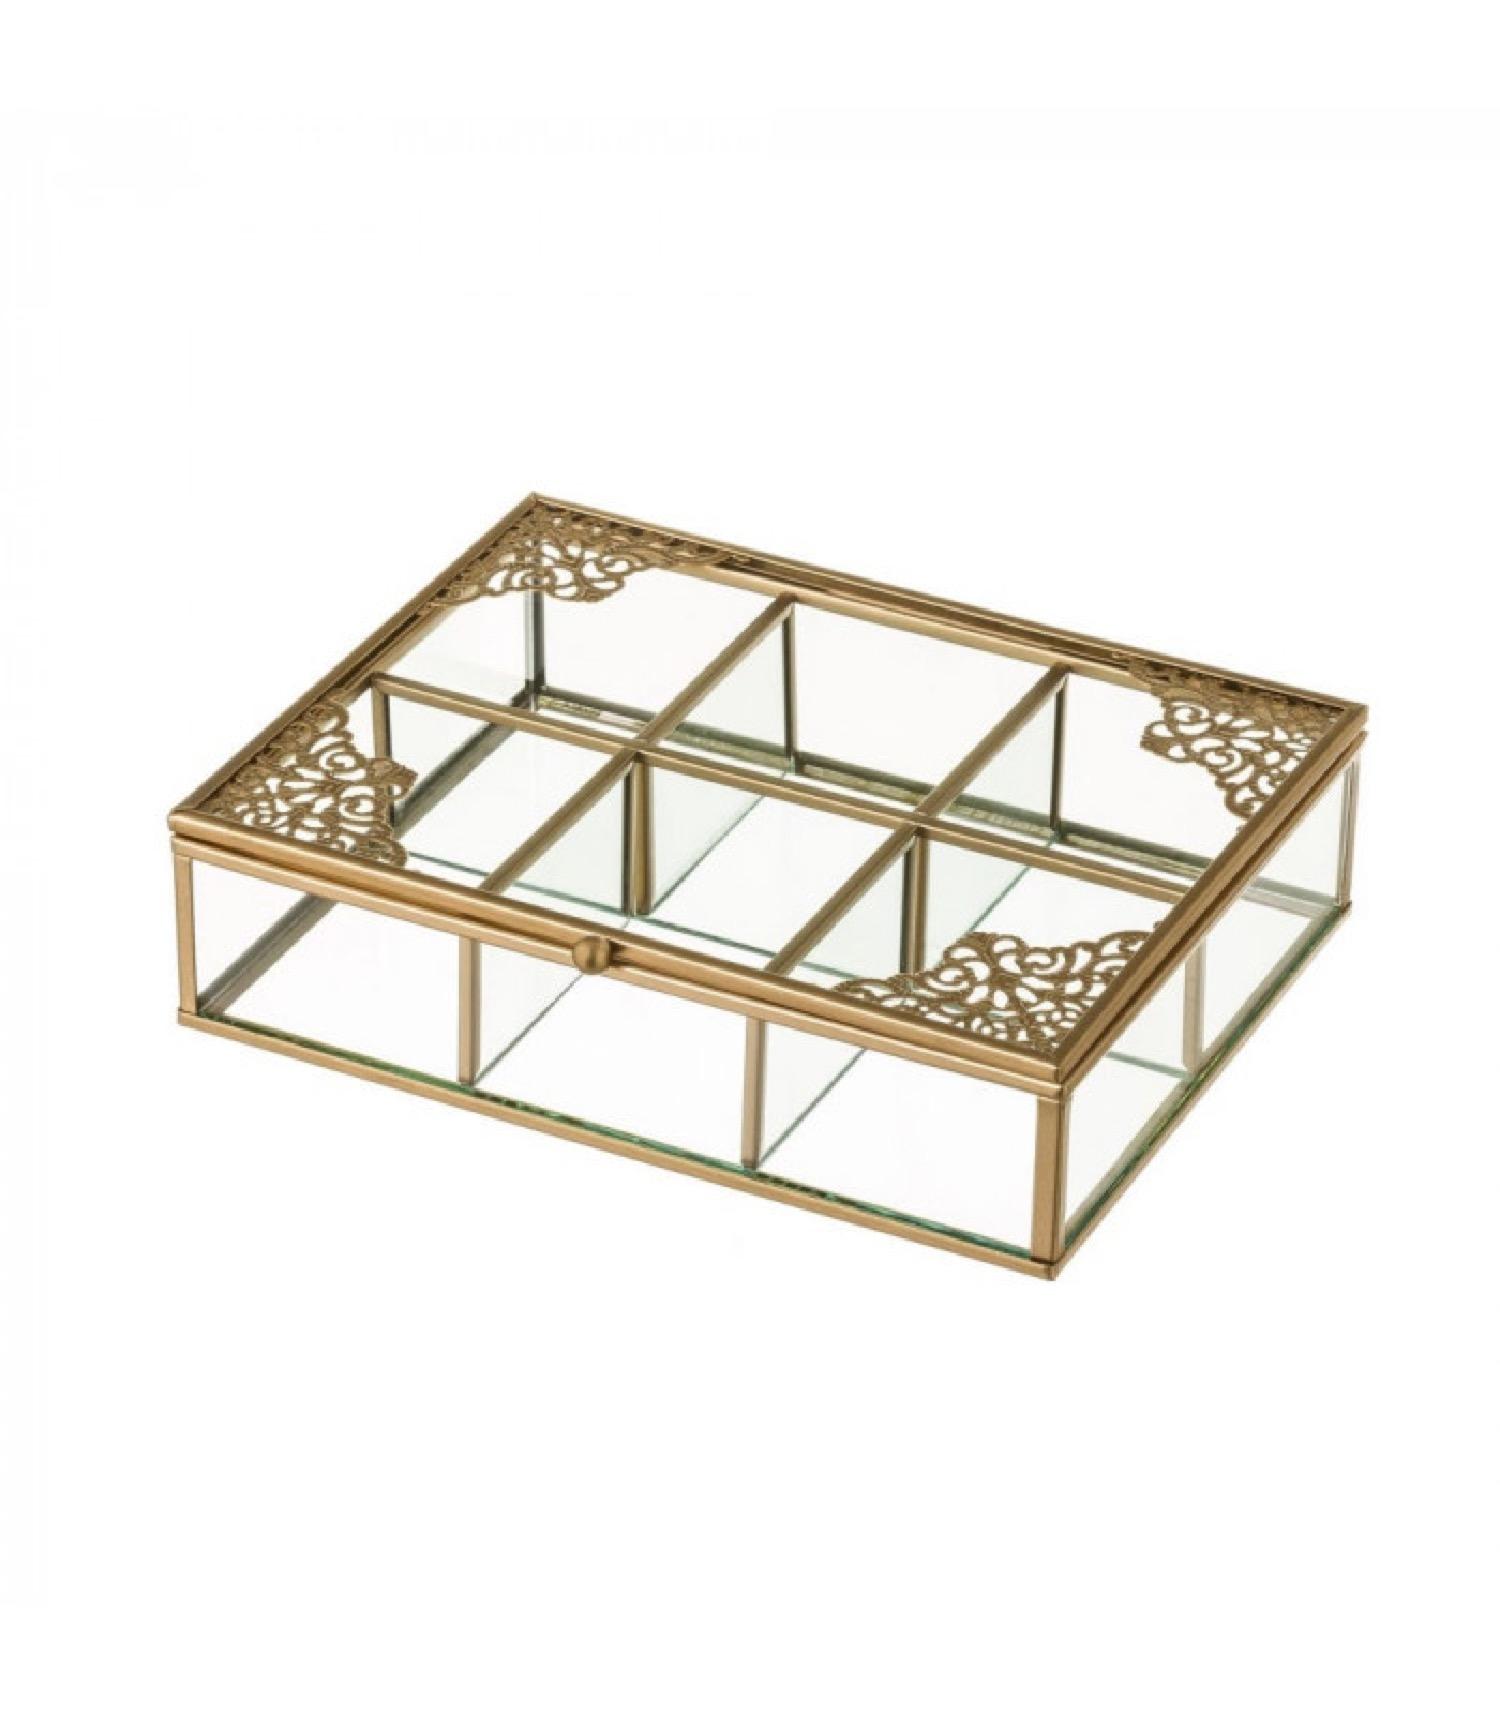 Boîte à bijoux en métal doré et verre 6 compartiments